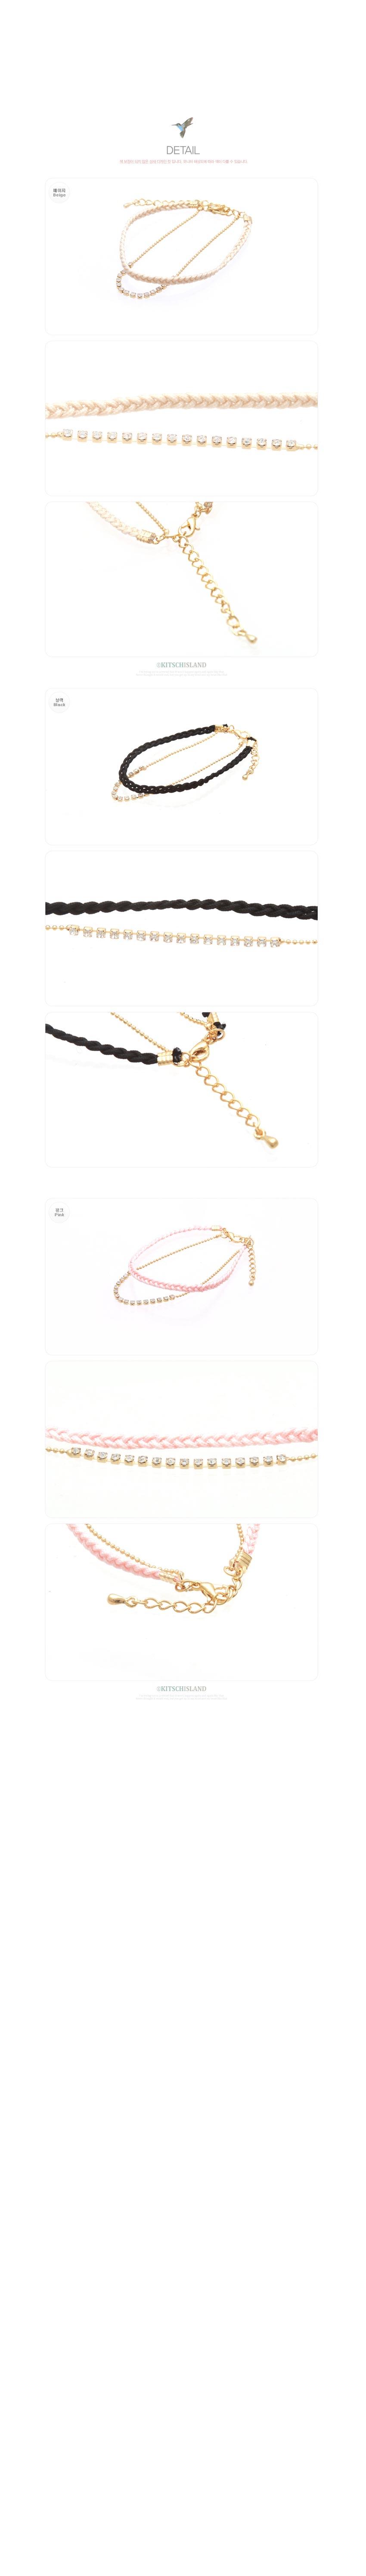 아람 레이어드 팔찌 - 키치아일랜드, 6,000원, 팔찌, 패션팔찌